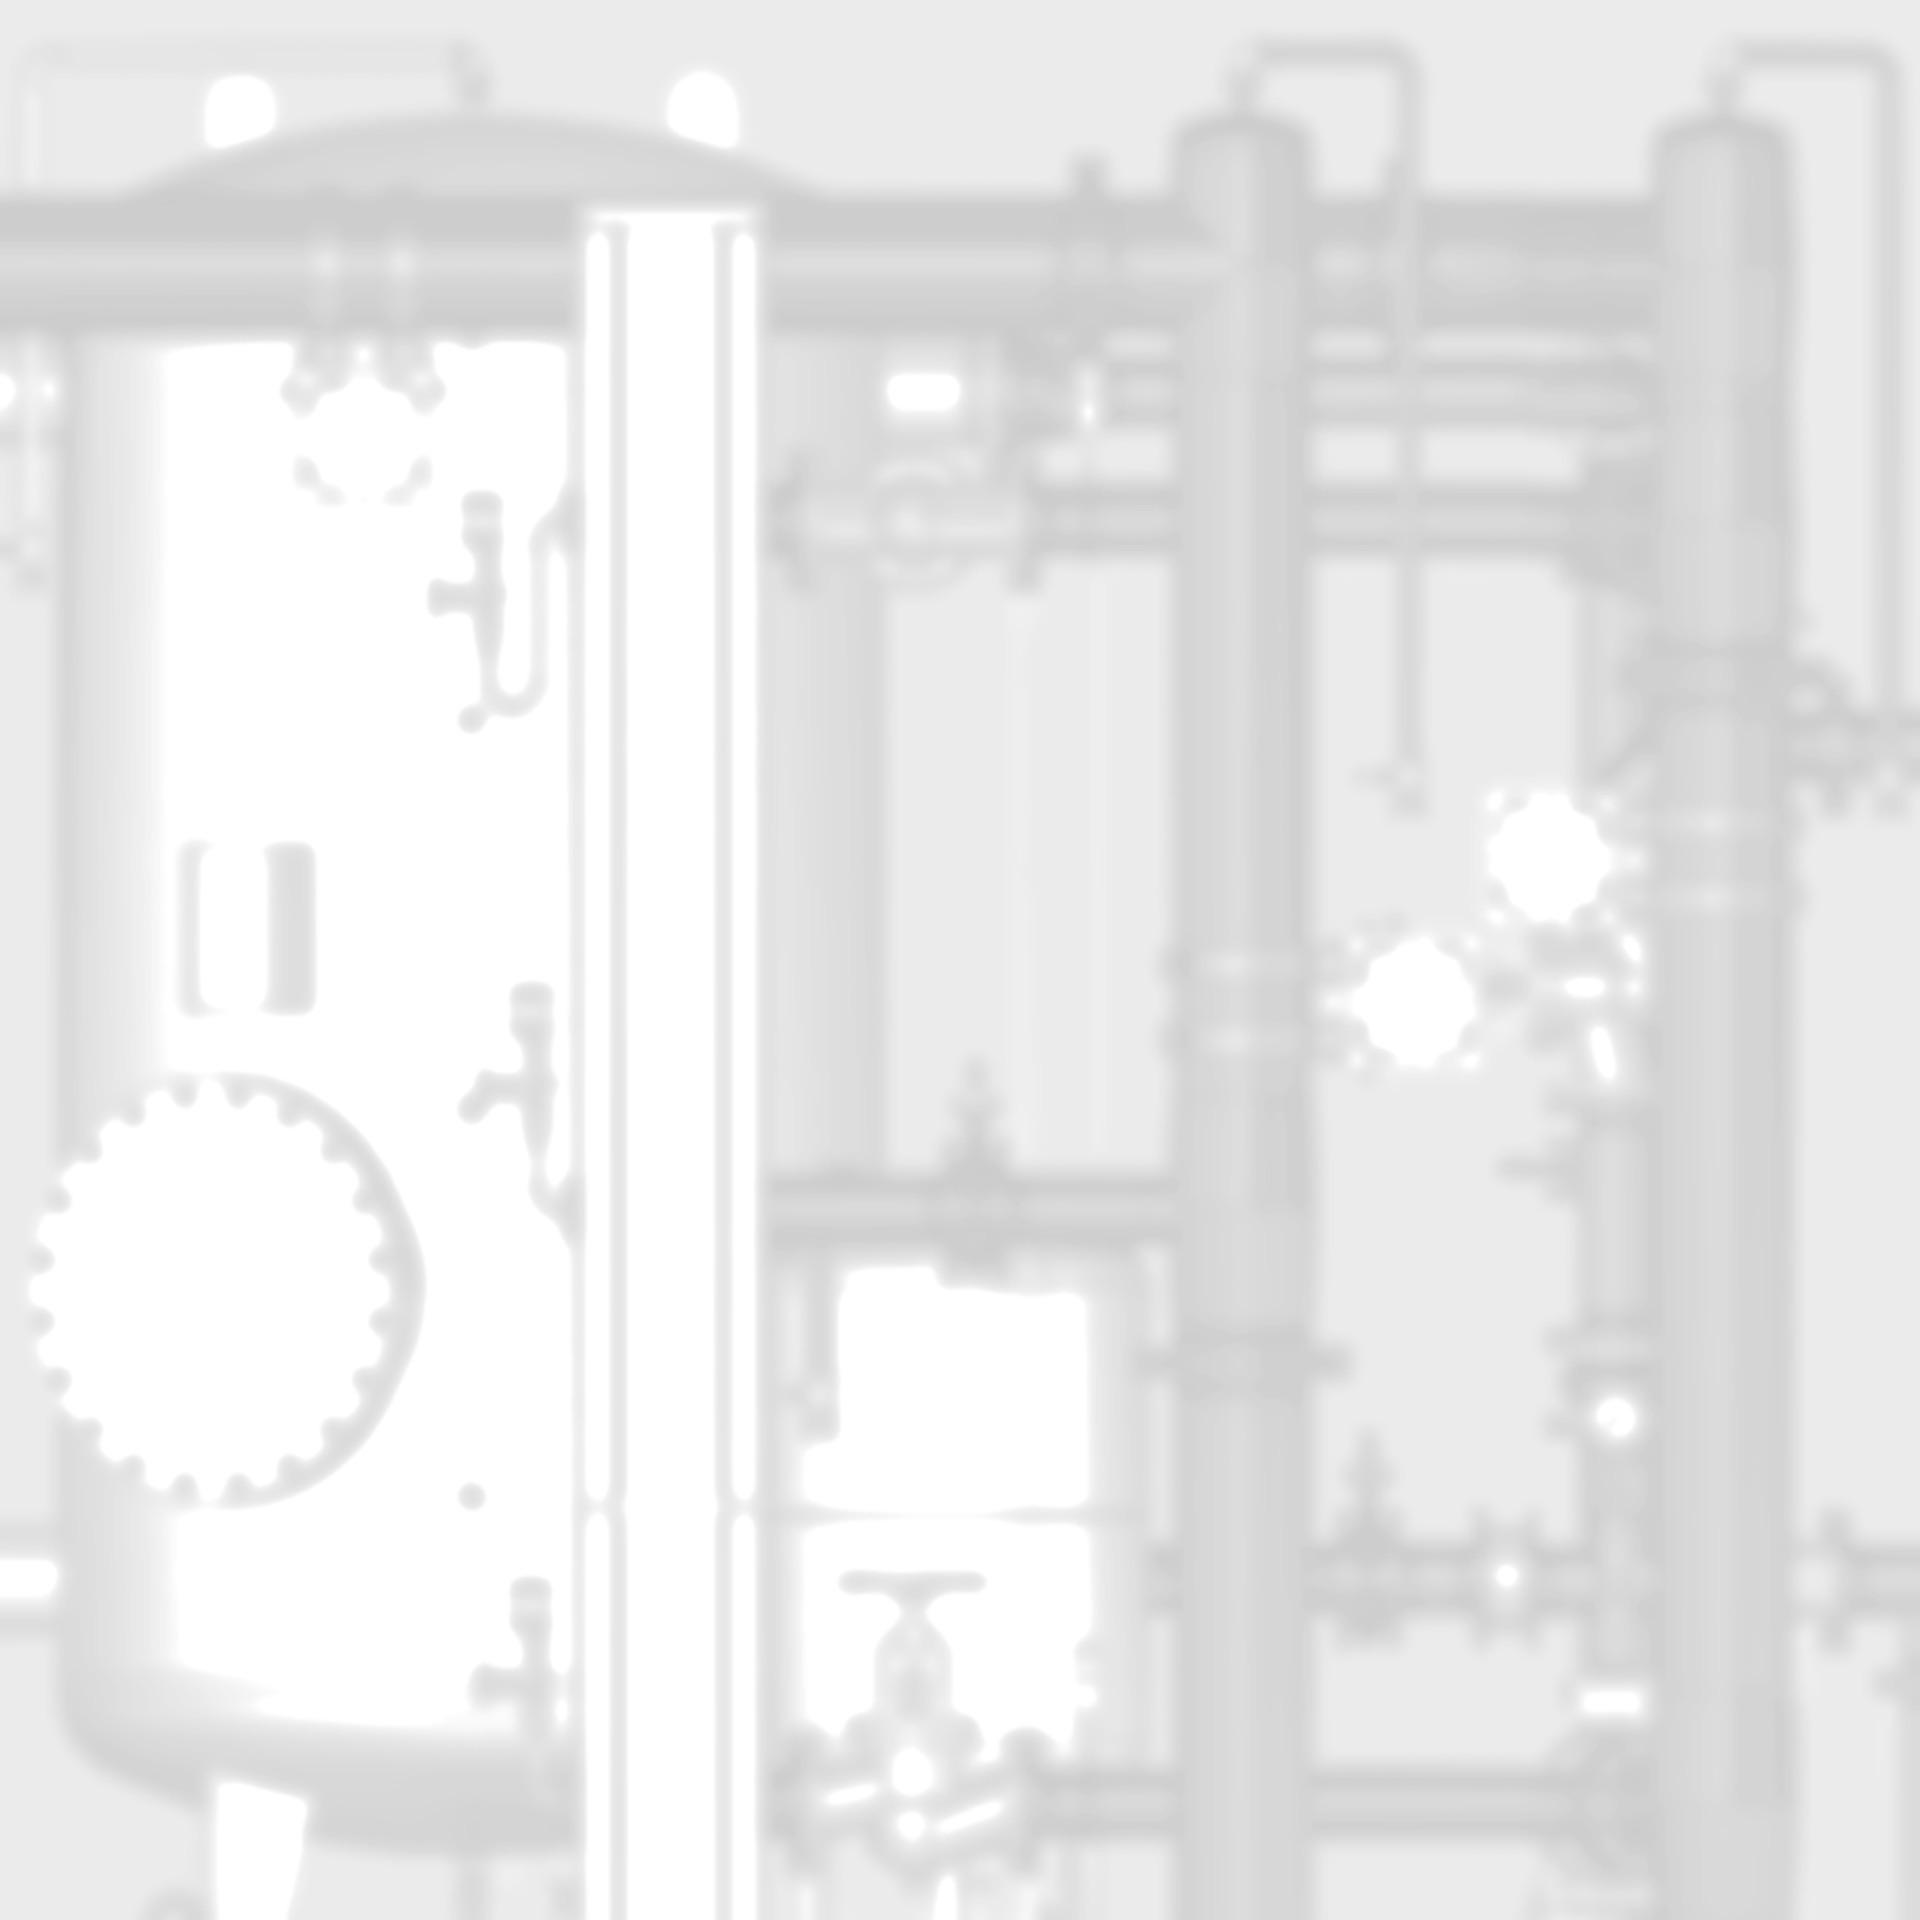 GWA_engineering_made_in_germany_3_Gesellschaft_fuer_Waerme_und_Anlagentechnik_mbH_monochrom